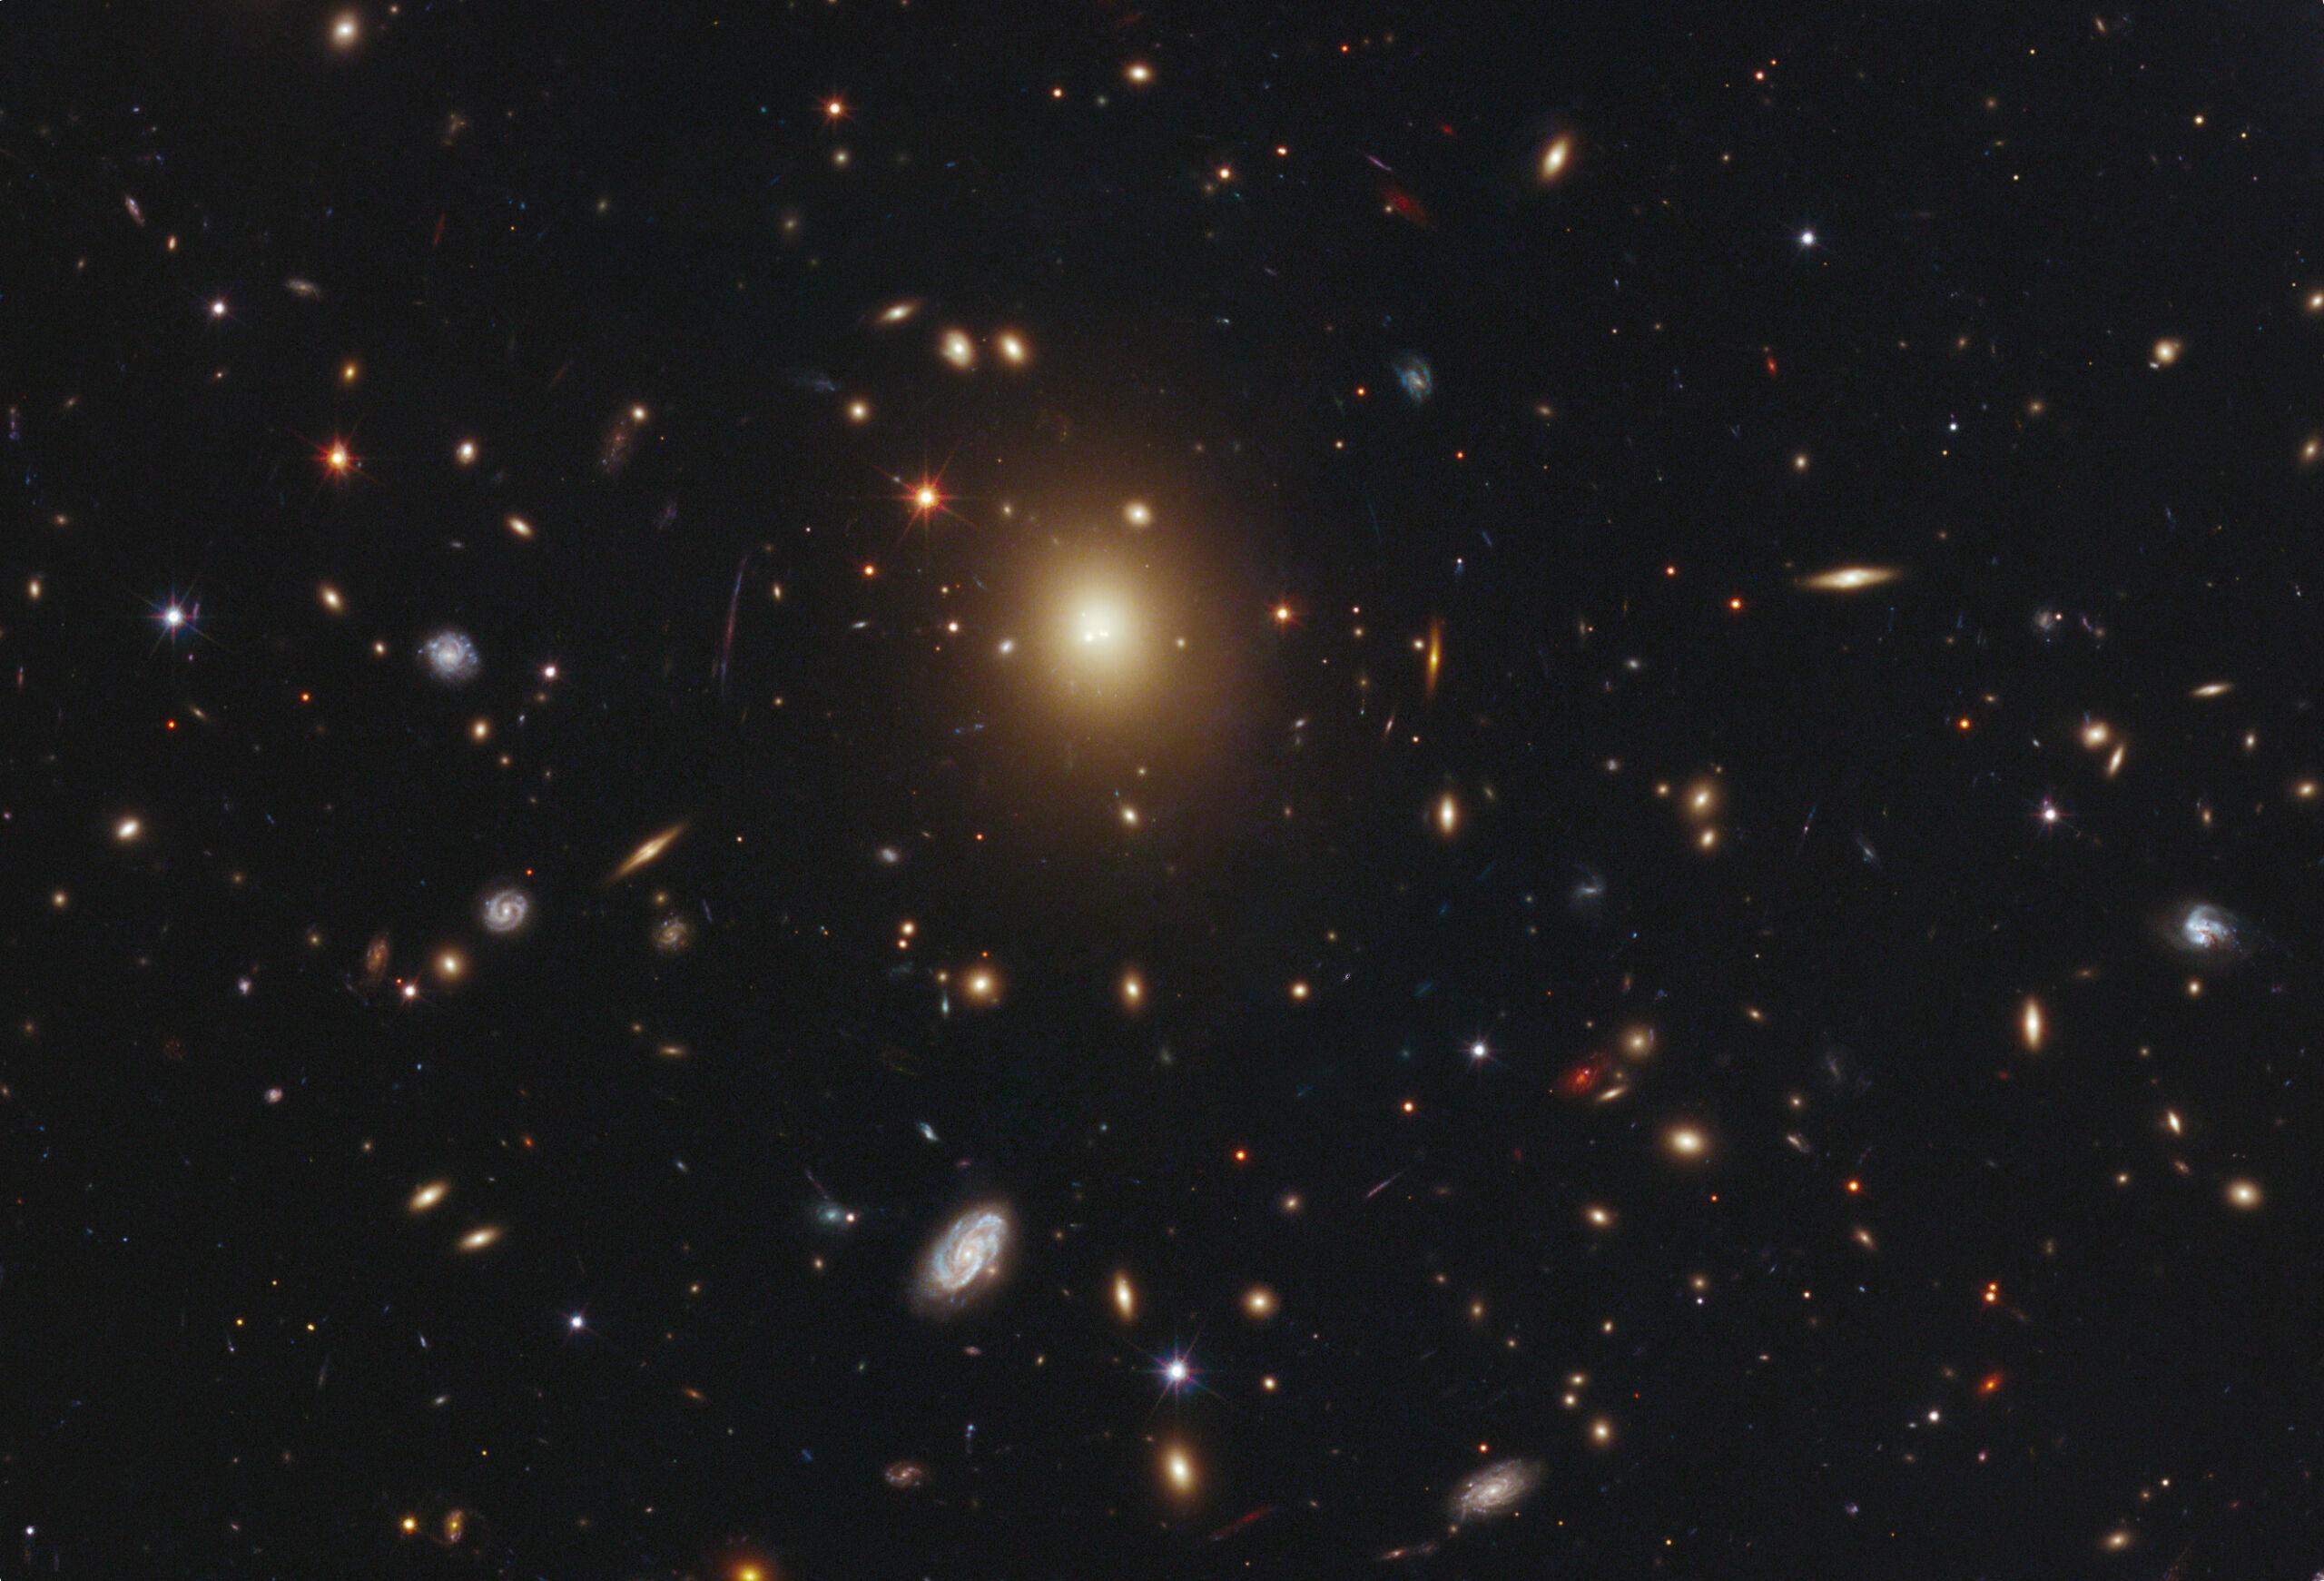 El cúmulo de galaxias Abell 2261, donde aparece en el centro la galaxia más masiva y brillante de ese cúmulo, A2261-BCG; según la evidencia hasta el momento, todo indica que no existe agujero negro en su centro.